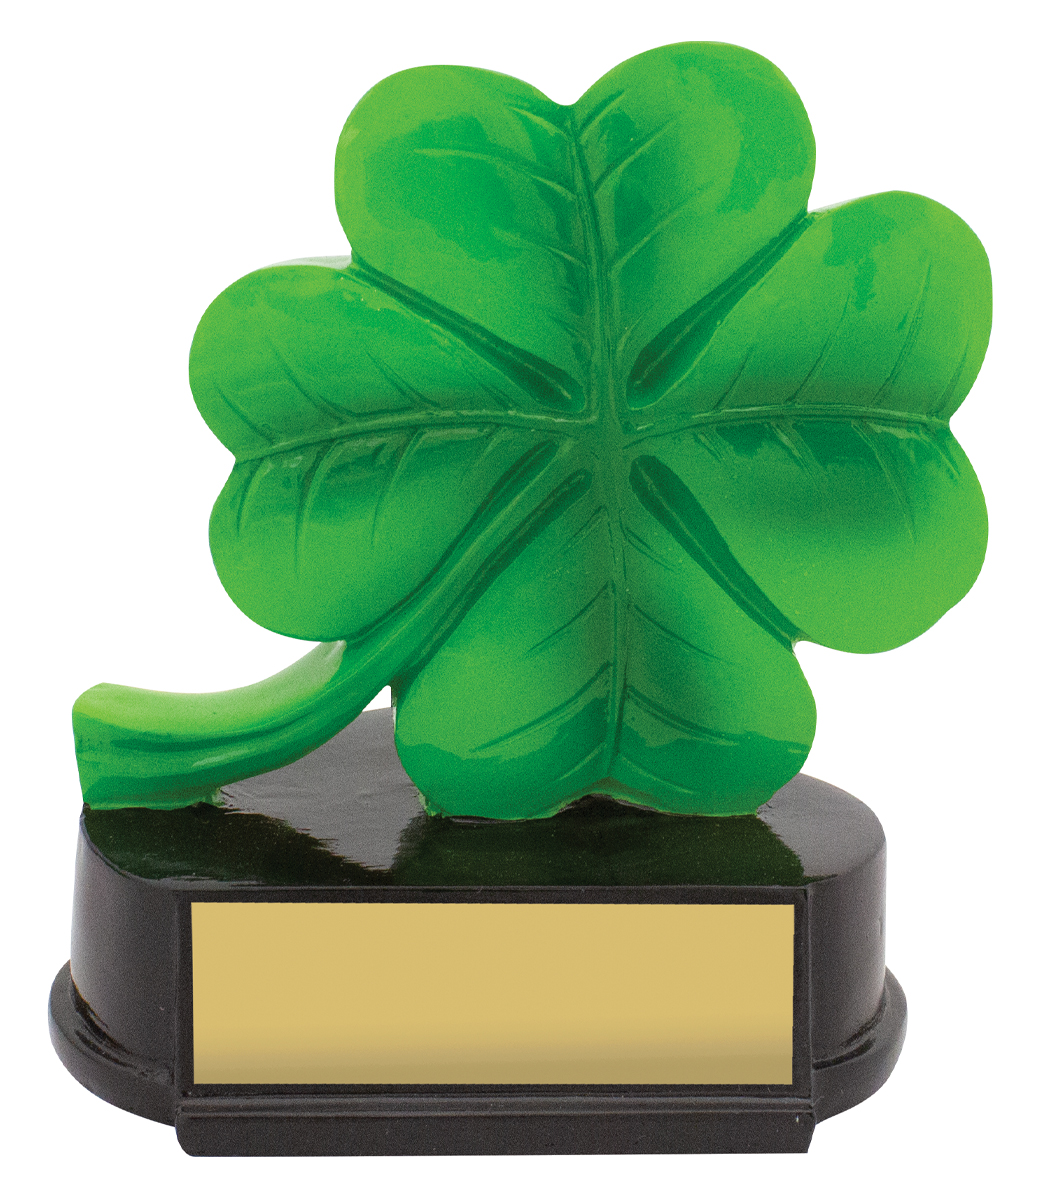 Four Leaf Clover Award